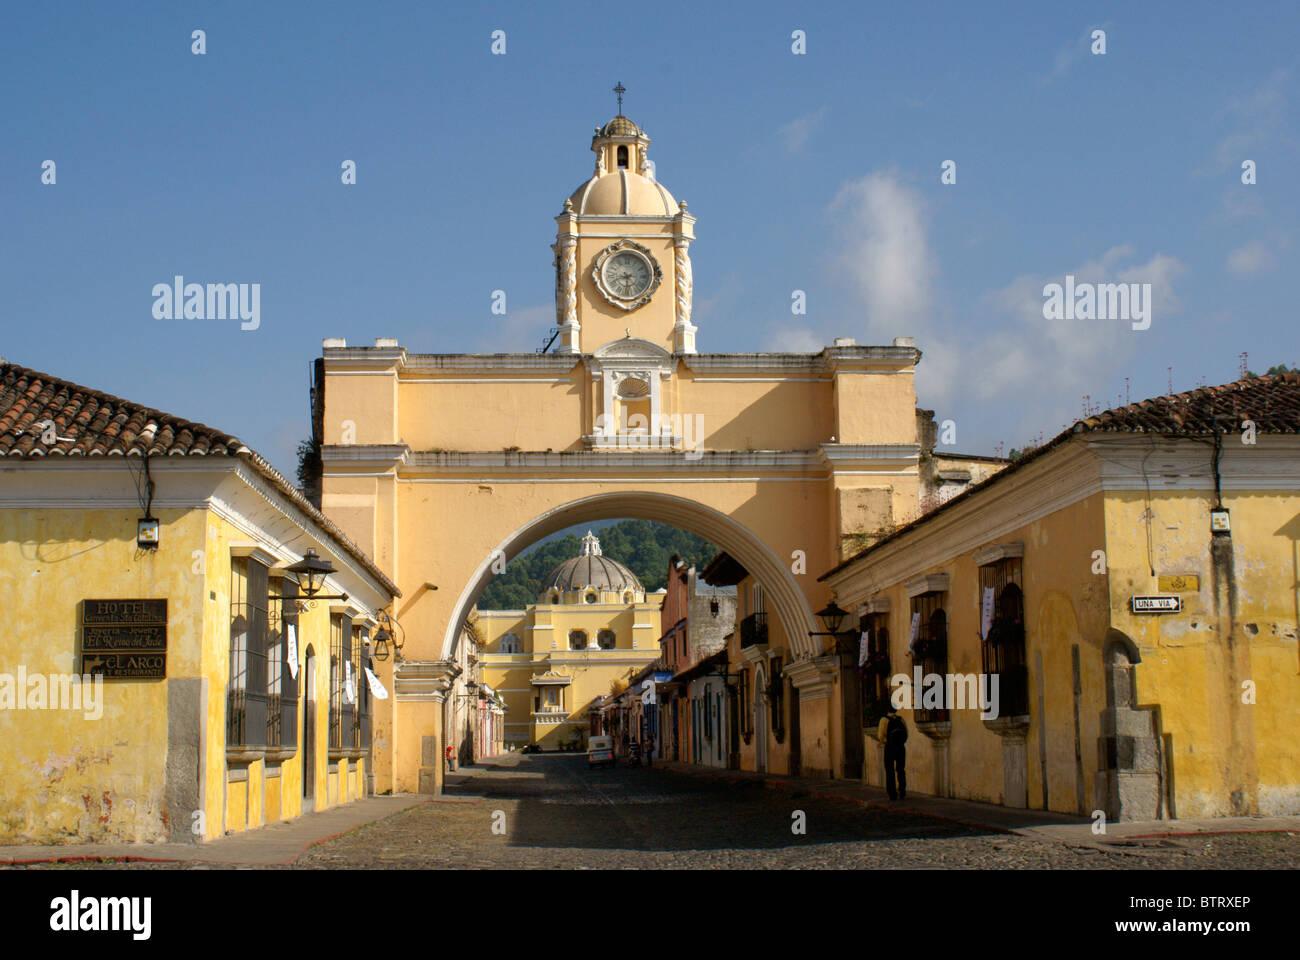 the-arco-de-santa-catarina-or-arch-of-sa